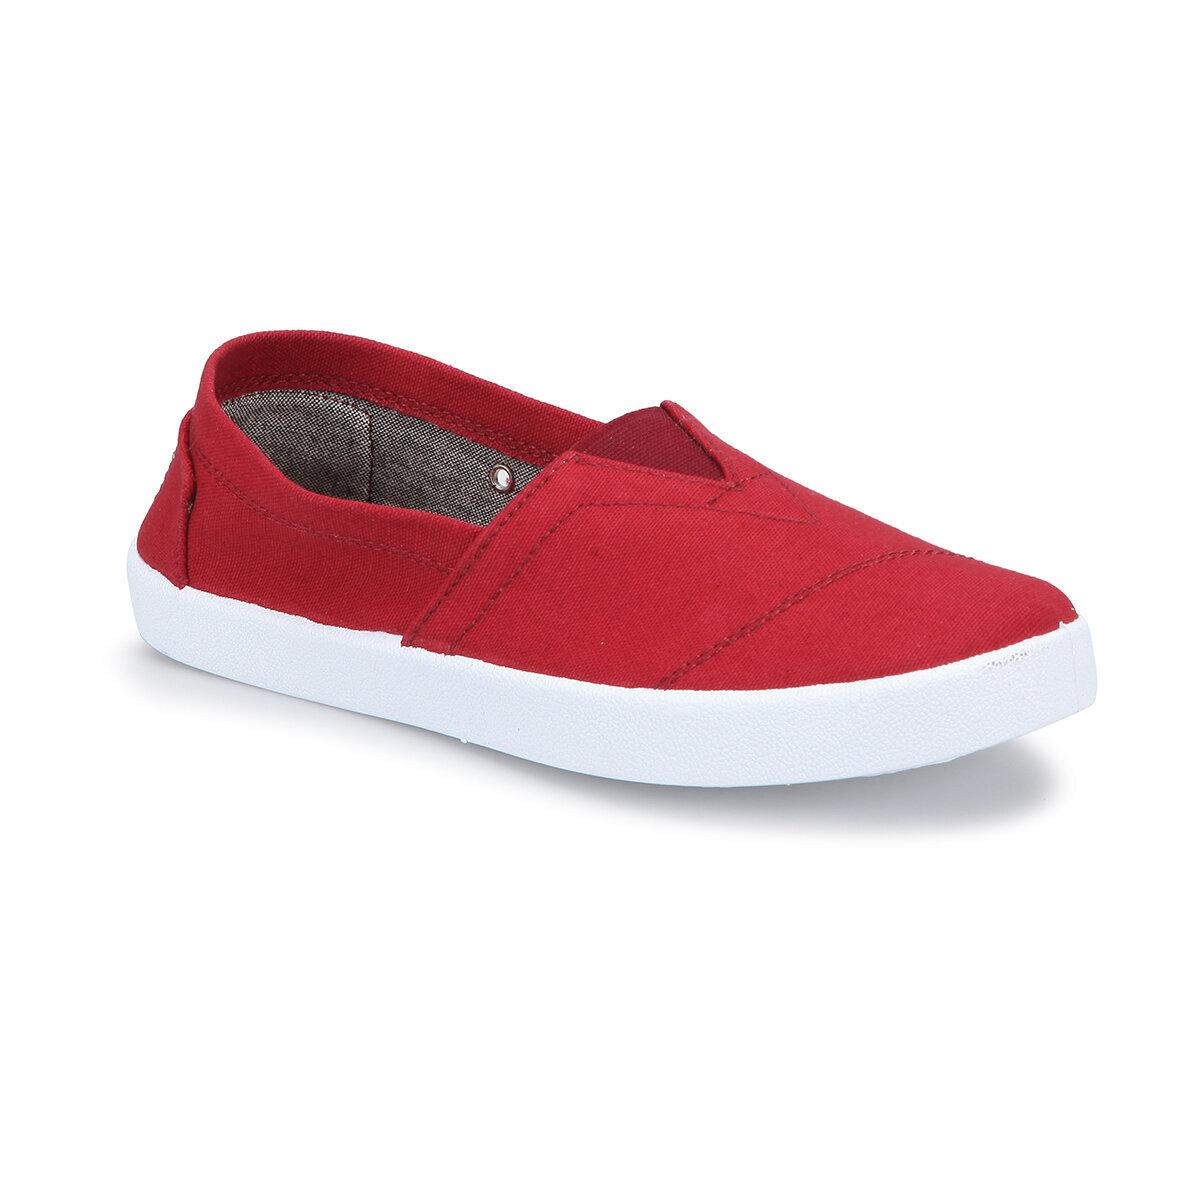 BORDO Erkek Slip On Ayakkabı AL-10 M 1604